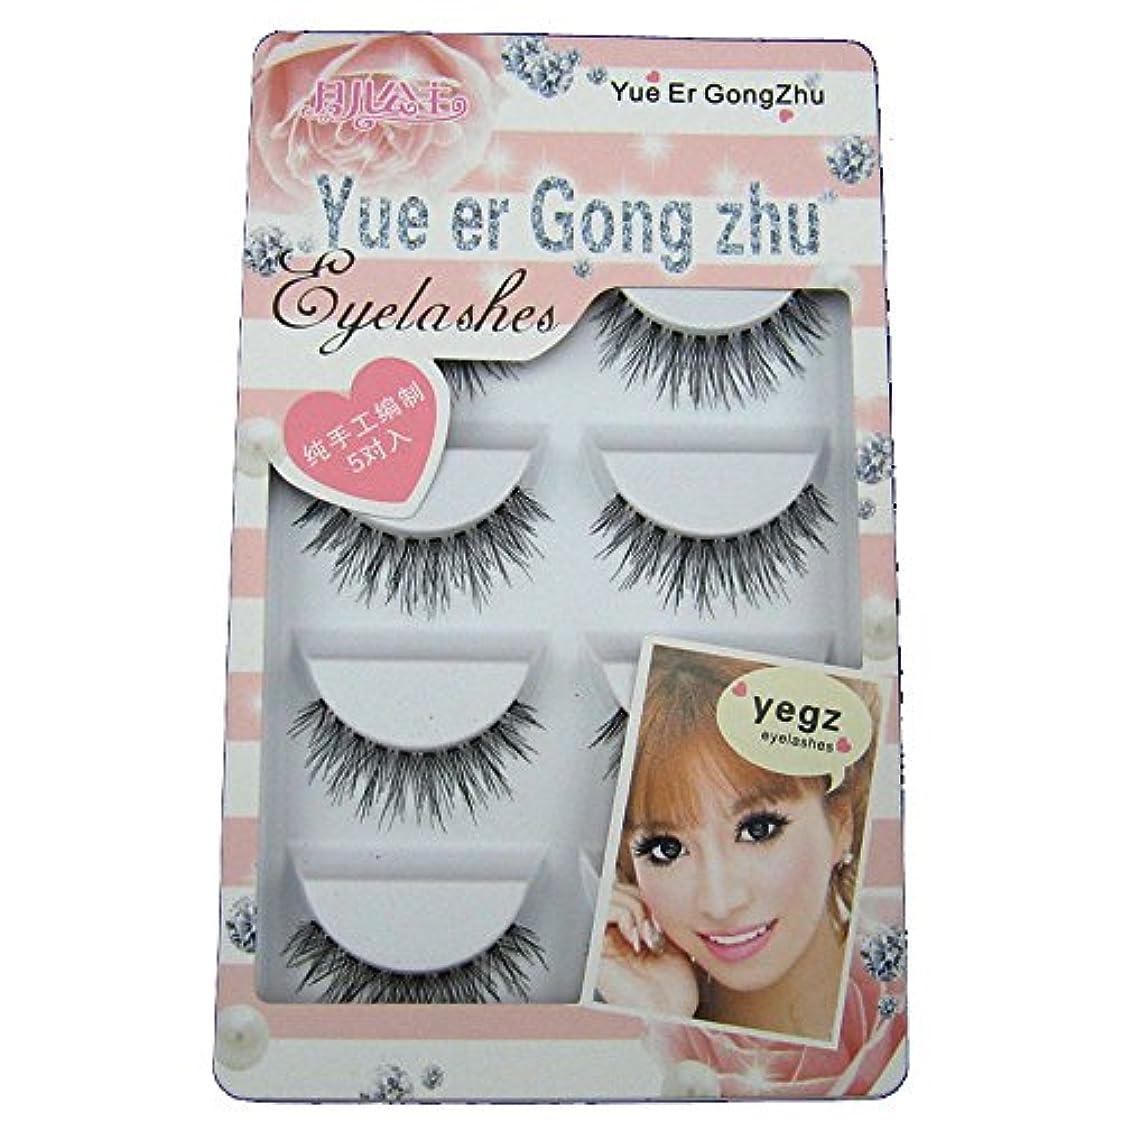 もっと抜け目がないラテンAkane 5組 新和風 月の姫 Yue Er Gong Zhu 高品質 ブラック 濃密 使いやすい つけまつげ アイラッシュ Eyelashes (1cm-1.5cm)